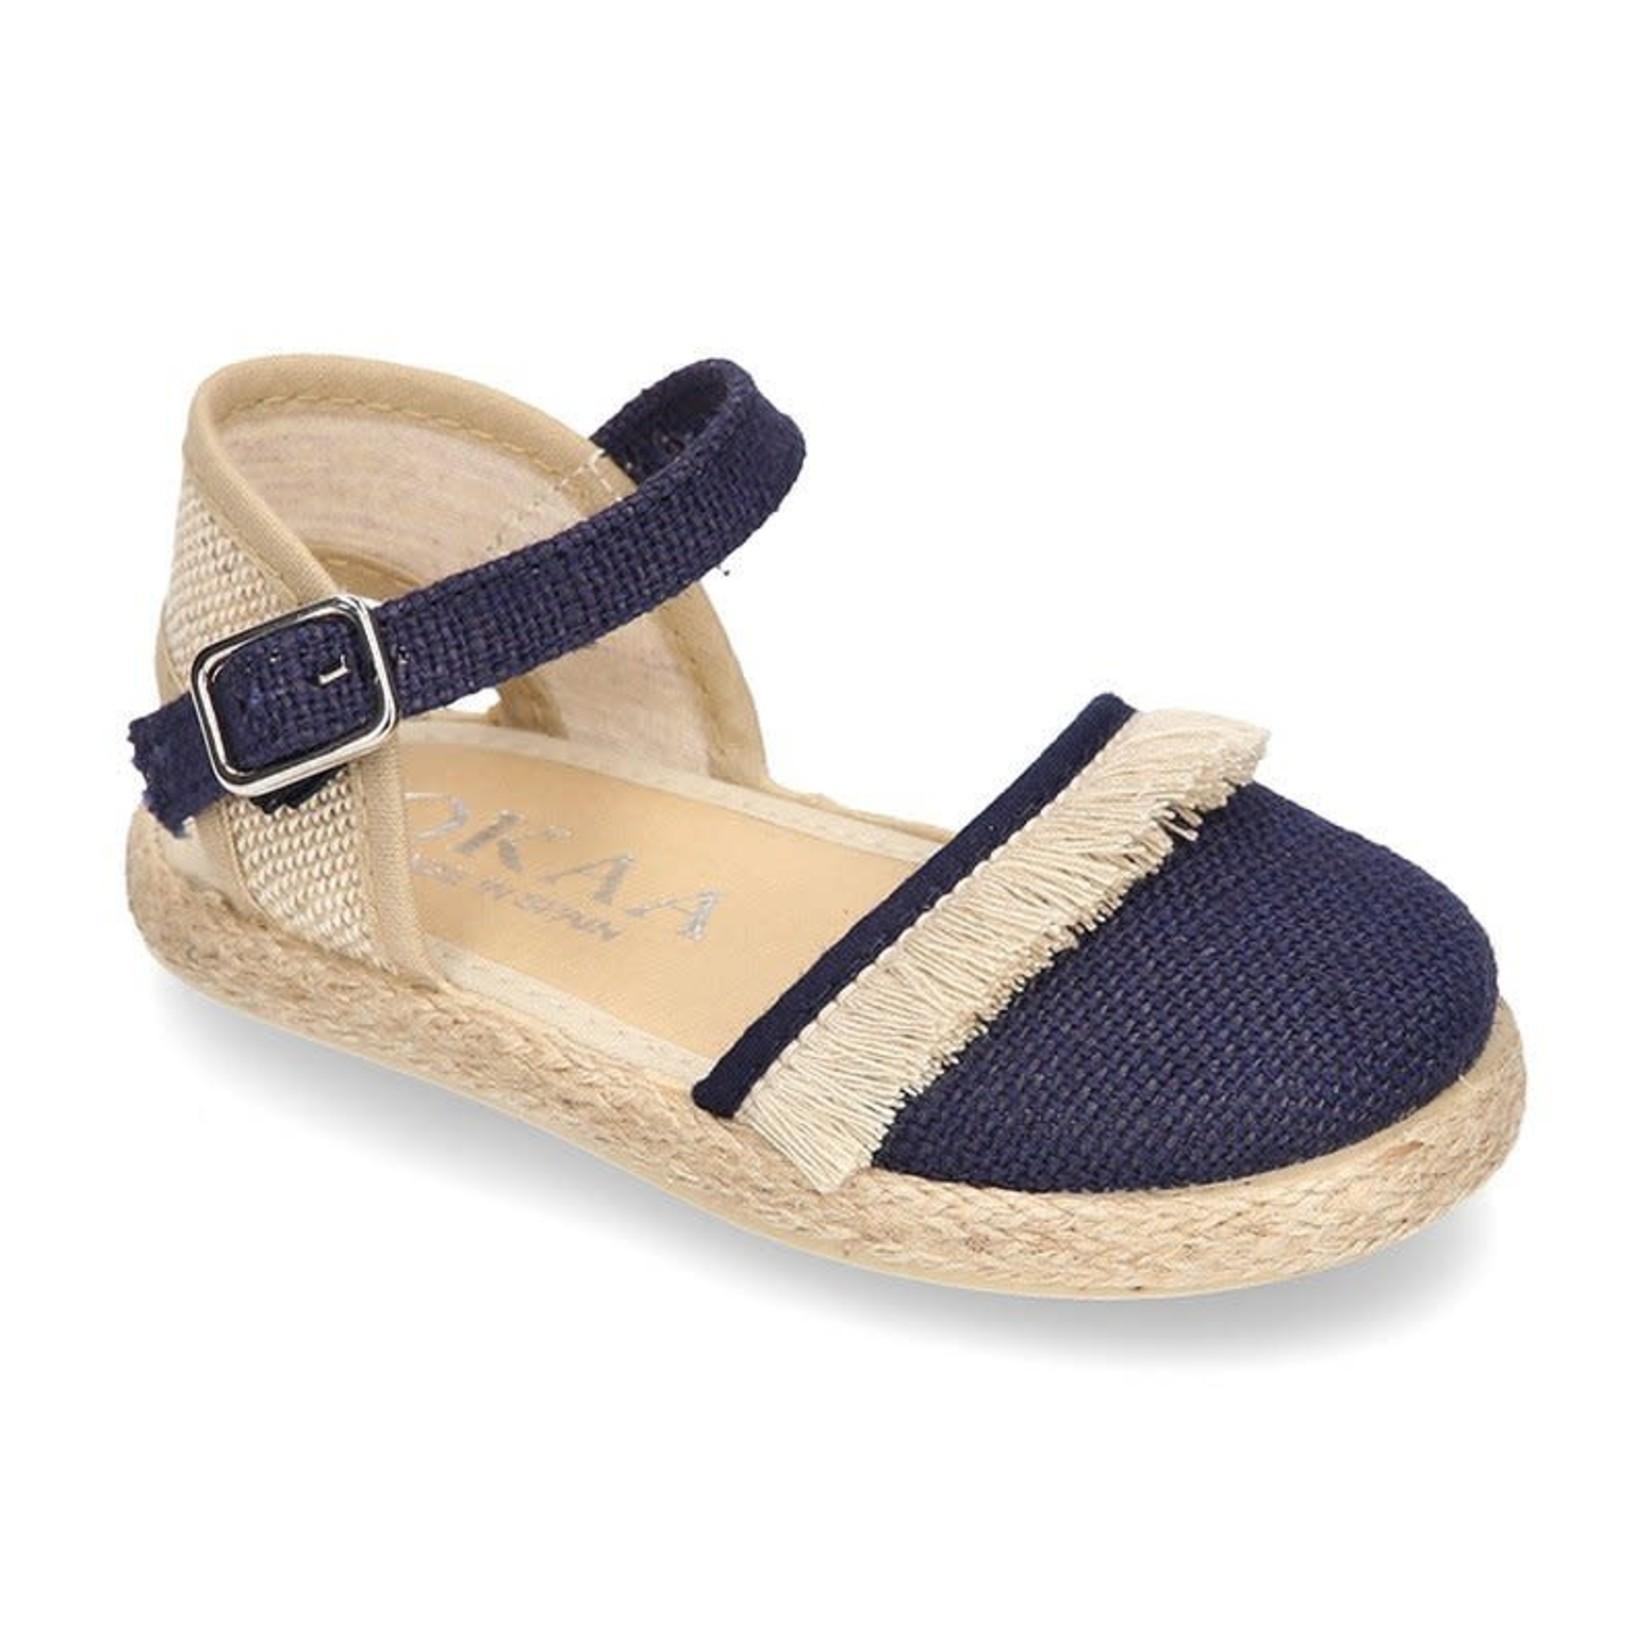 Okaa Shoe Celia Navy